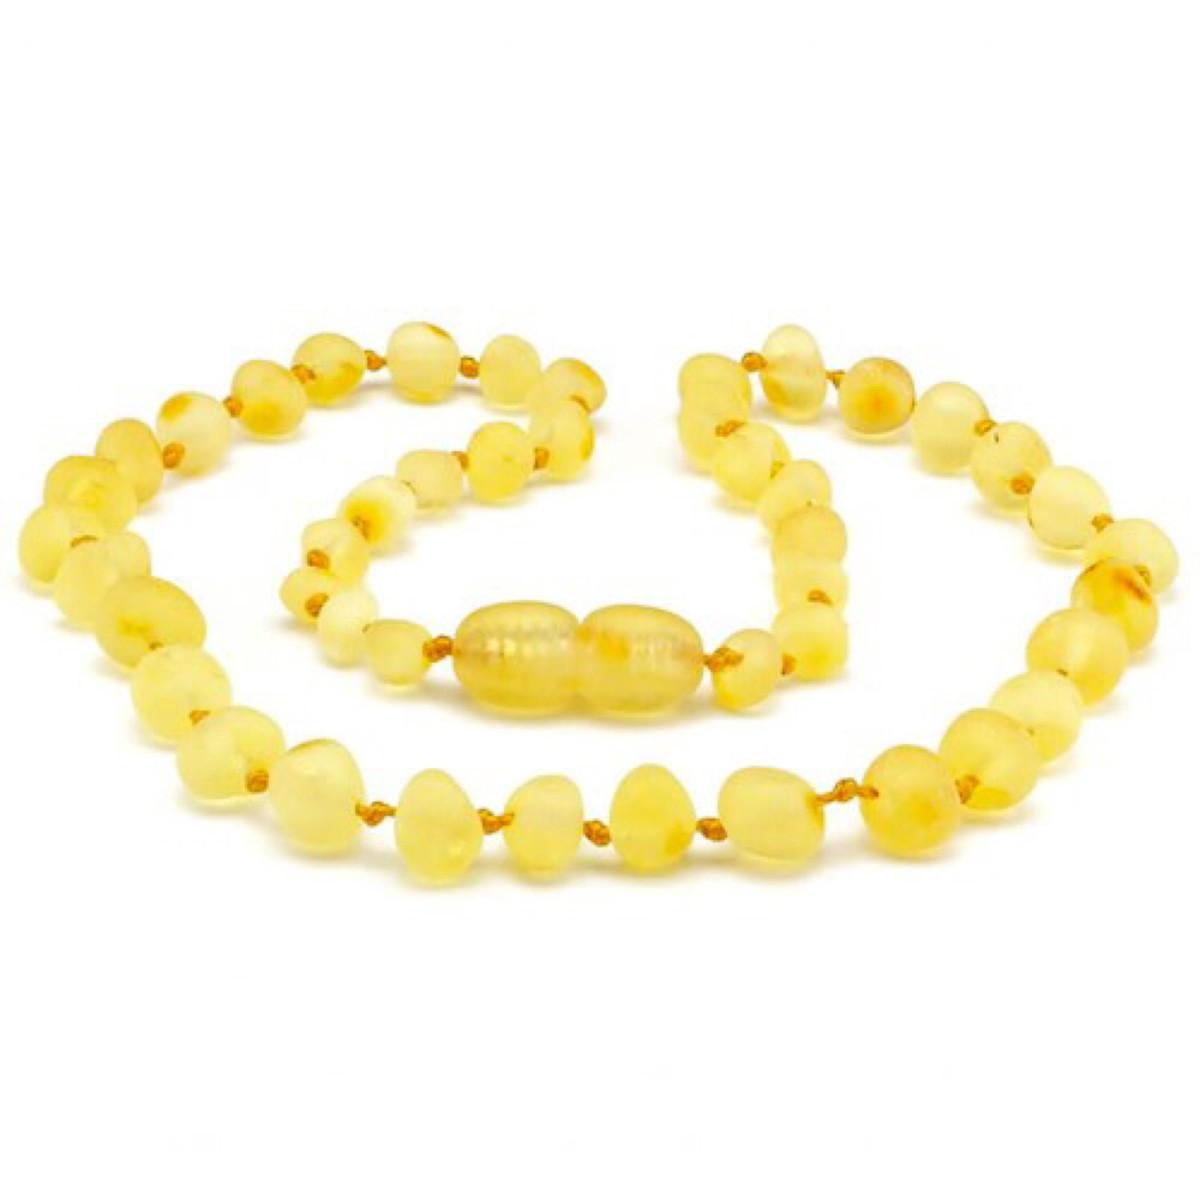 Colar de Âmbar Adulto Limão Barroco Bruto - 45 cm